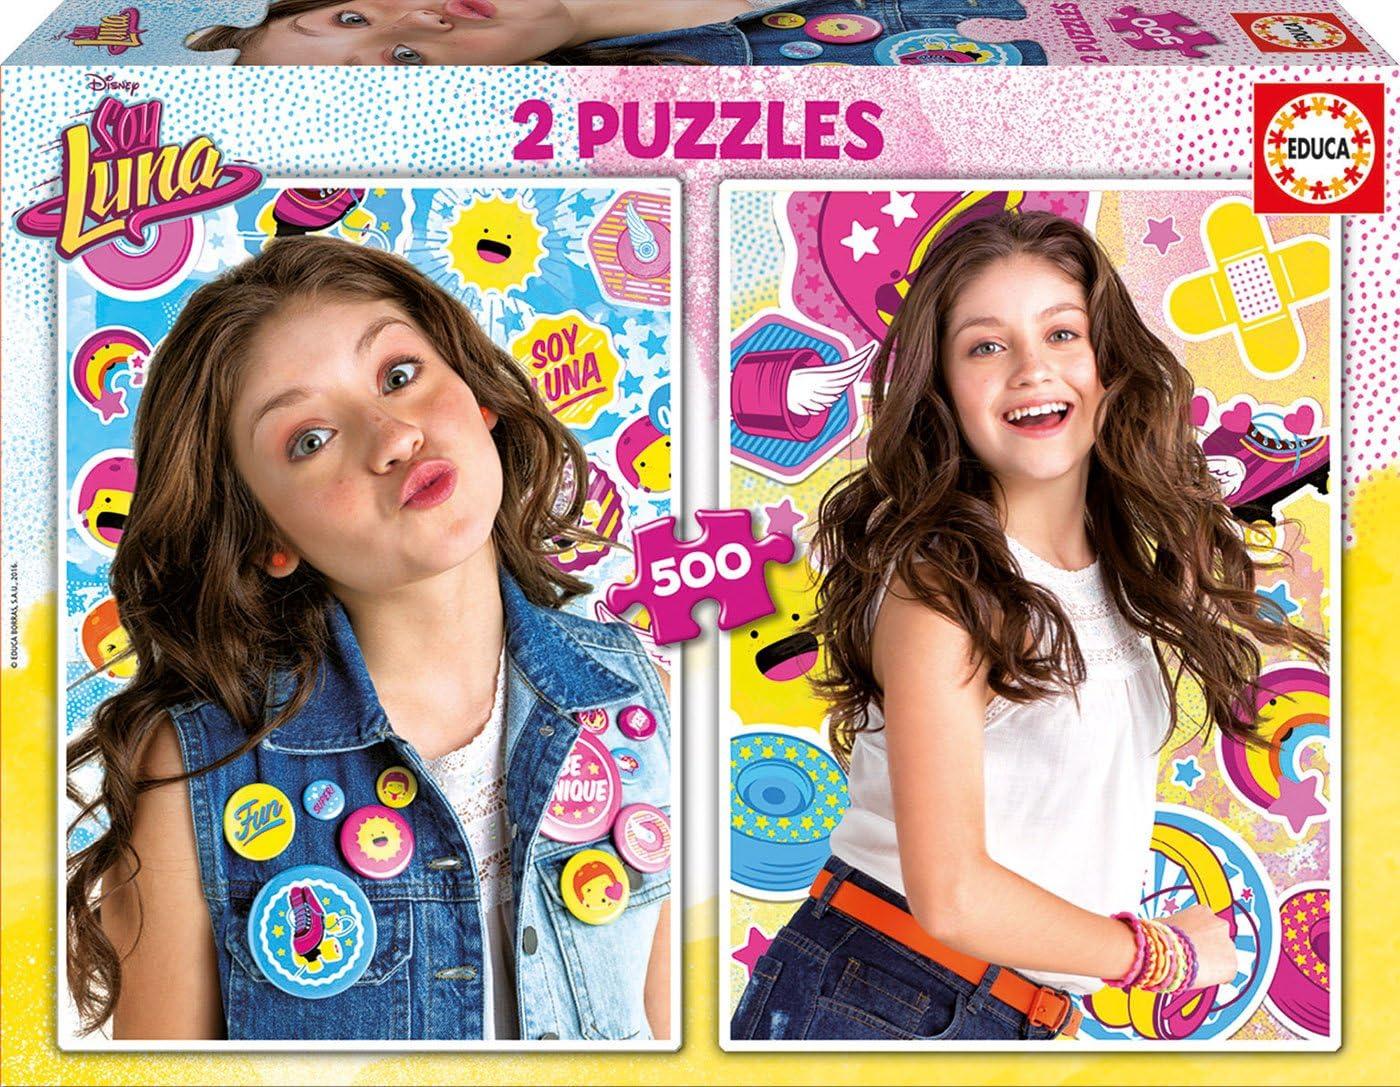 Soy Luna - Puzzles con 2 X 500 Piezas (Educa Borrás 17019): Amazon.es: Juguetes y juegos